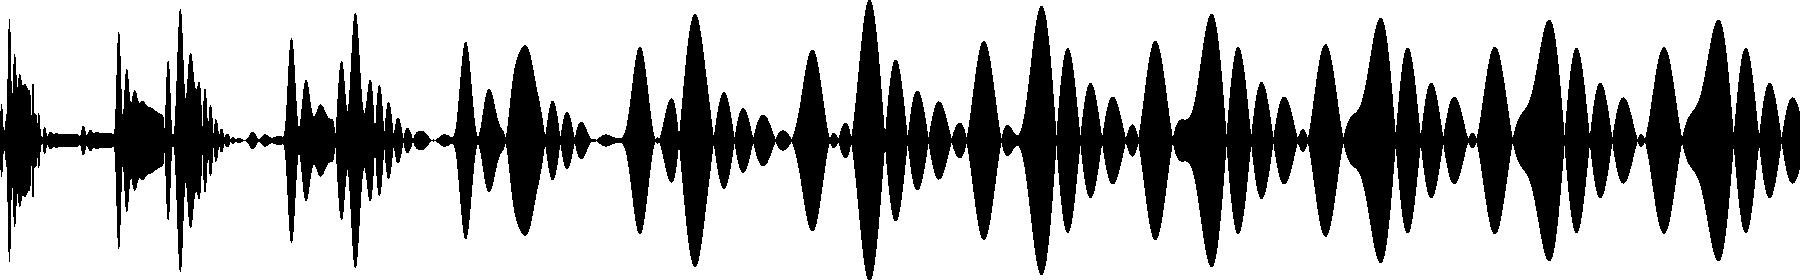 veh2 synths   008 c